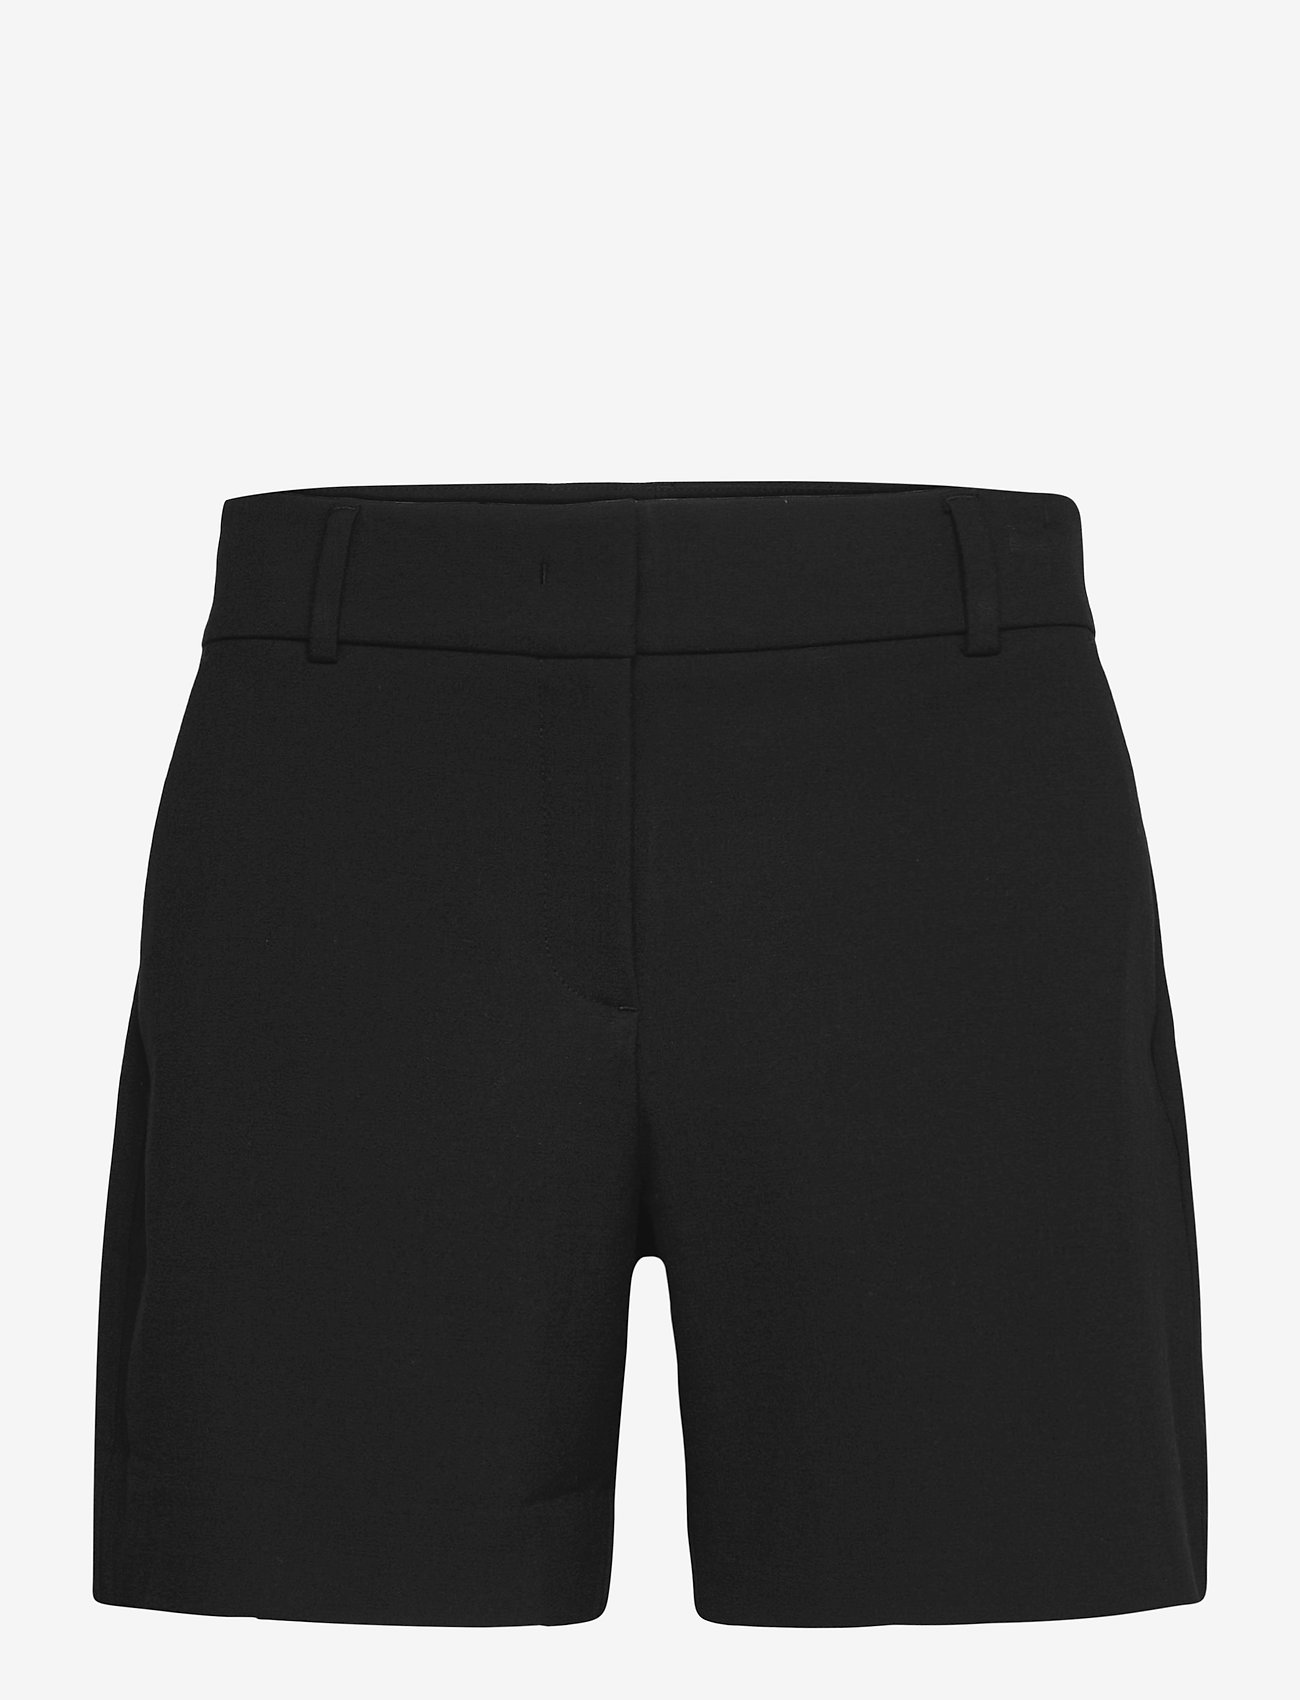 FIVEUNITS - Dena Shorts 396 - short chino - black - 1